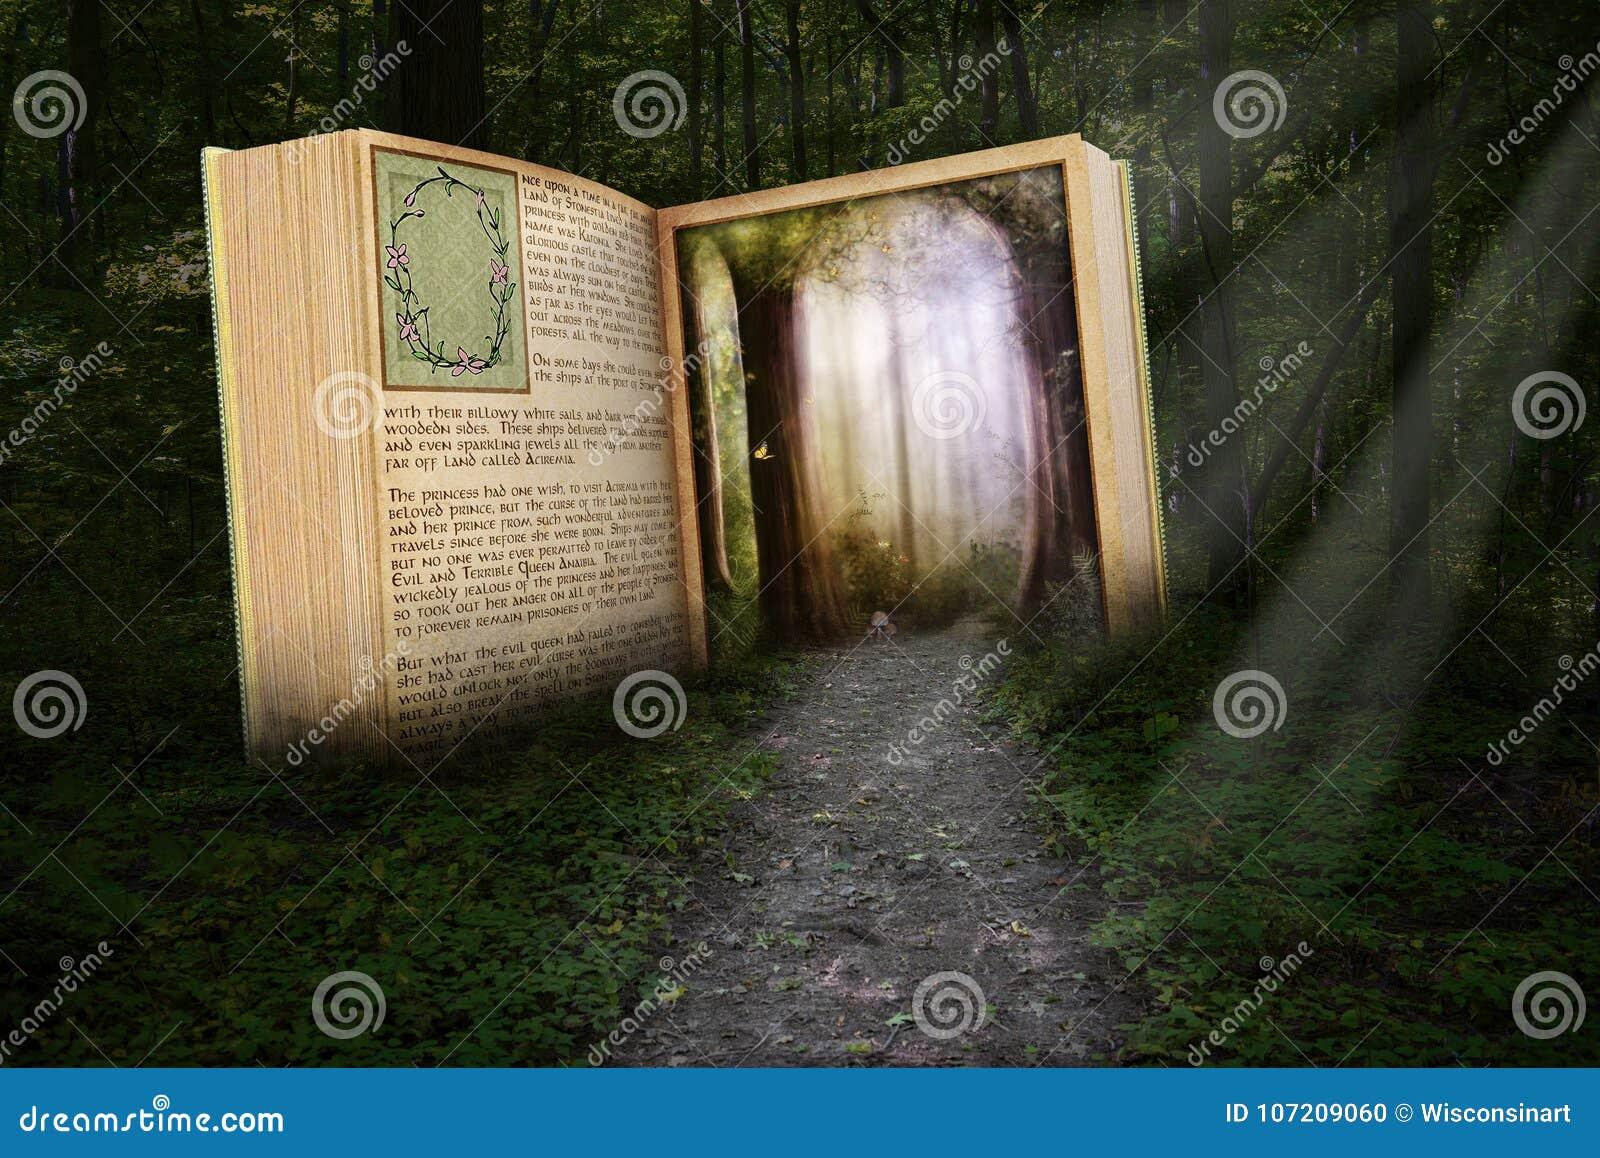 Το υπερφυσικό βιβλίο ανάγνωσης, διάβασε την ιστορία